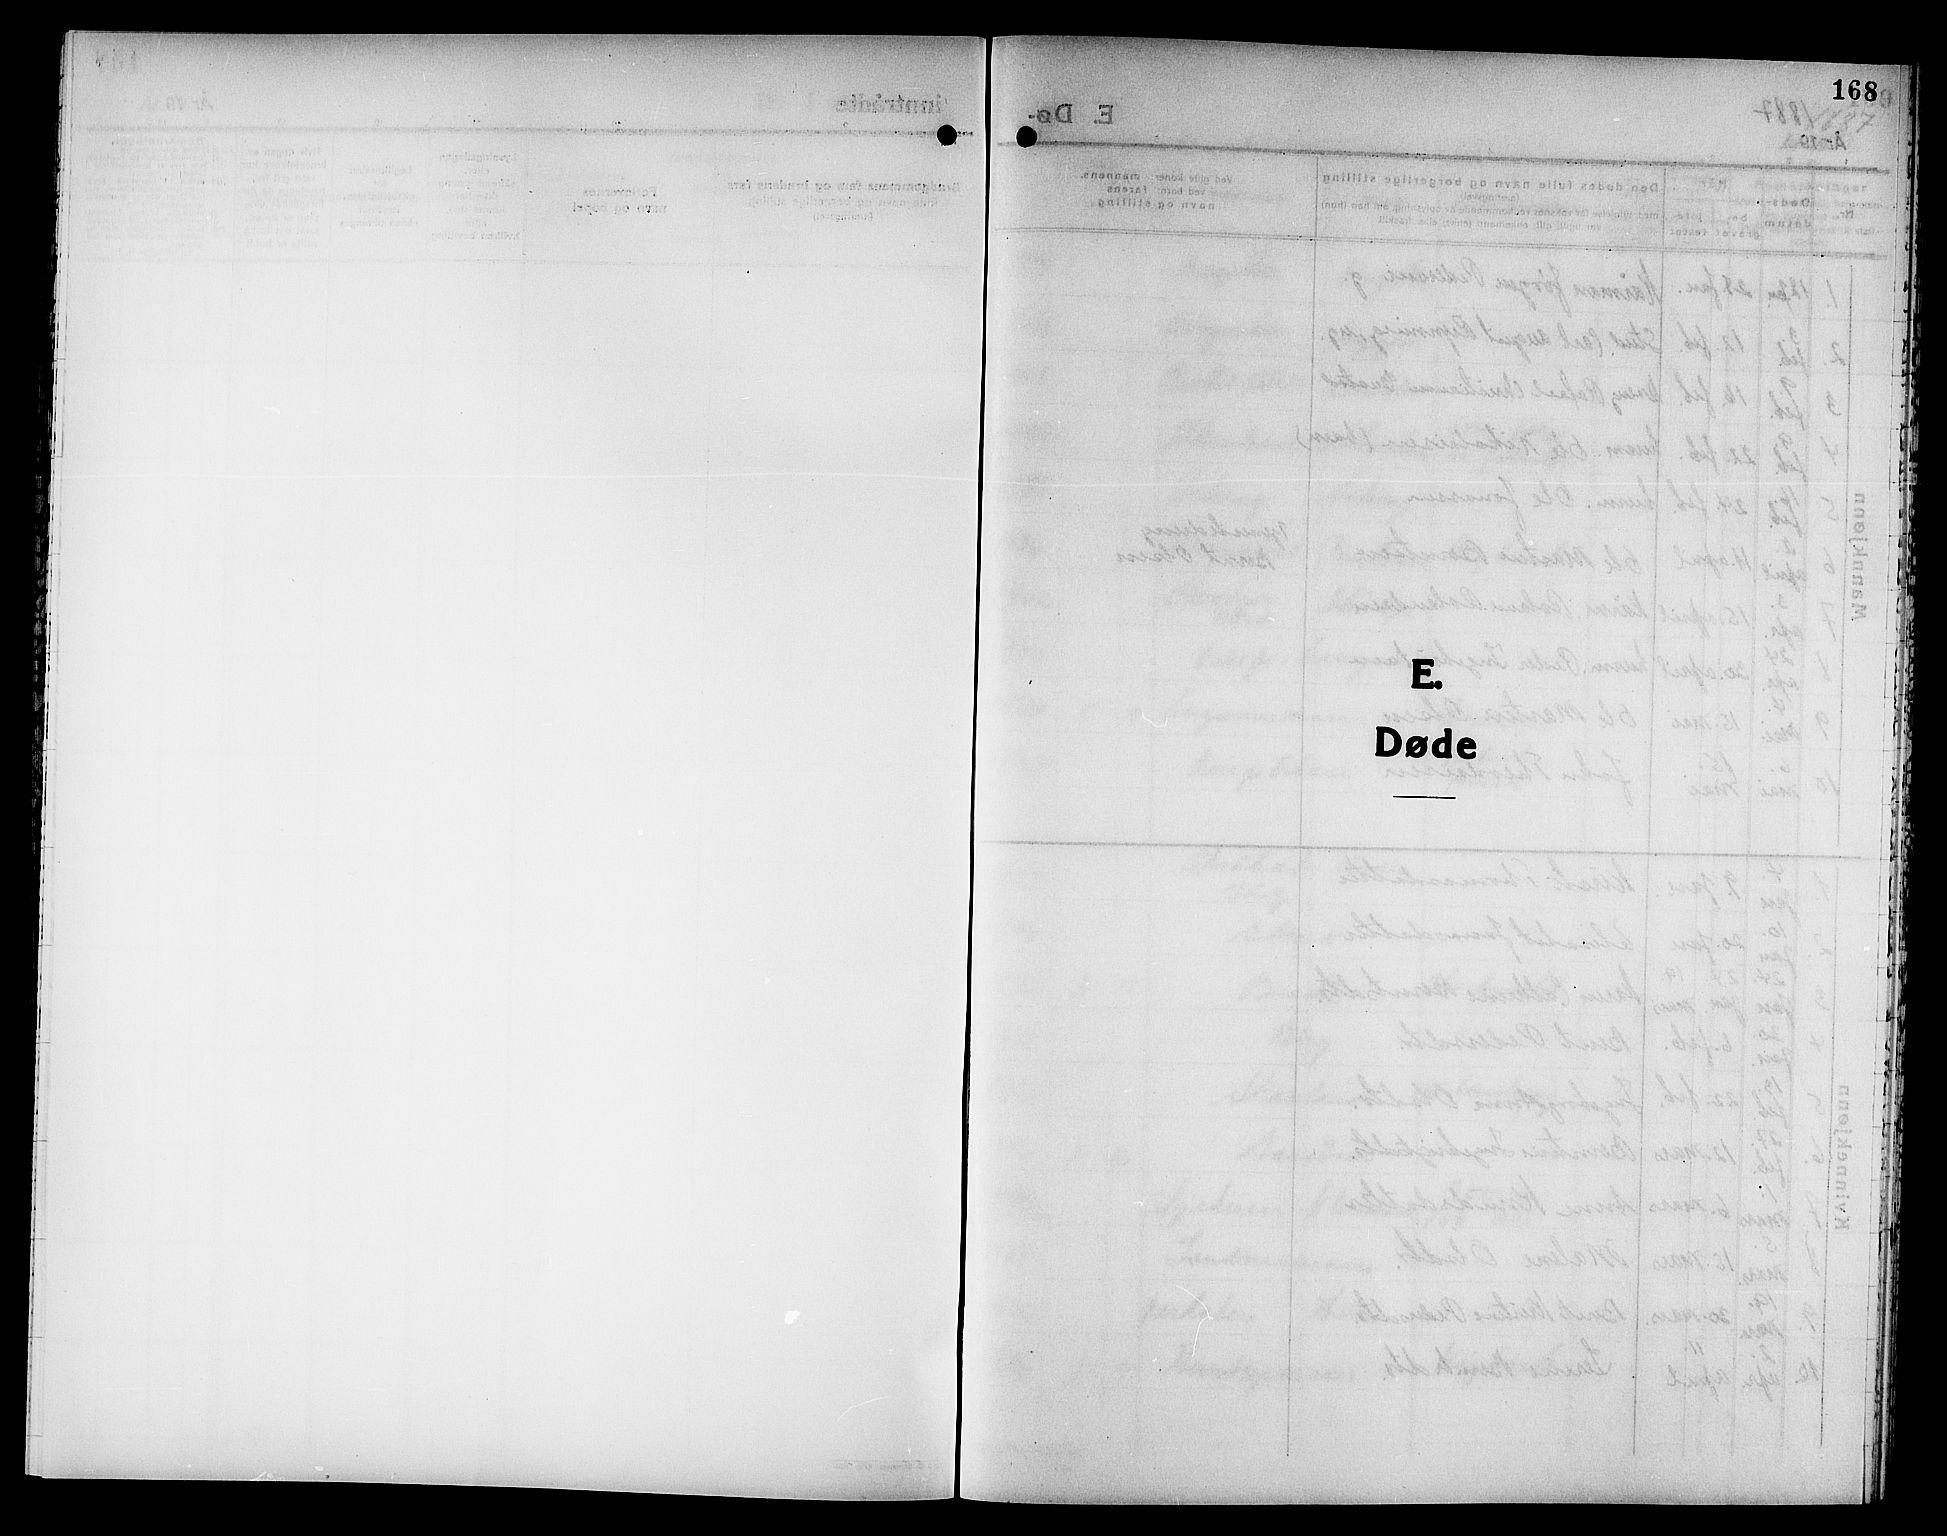 SAT, Ministerialprotokoller, klokkerbøker og fødselsregistre - Nord-Trøndelag, 749/L0487: Ministerialbok nr. 749D03, 1887-1902, s. 168